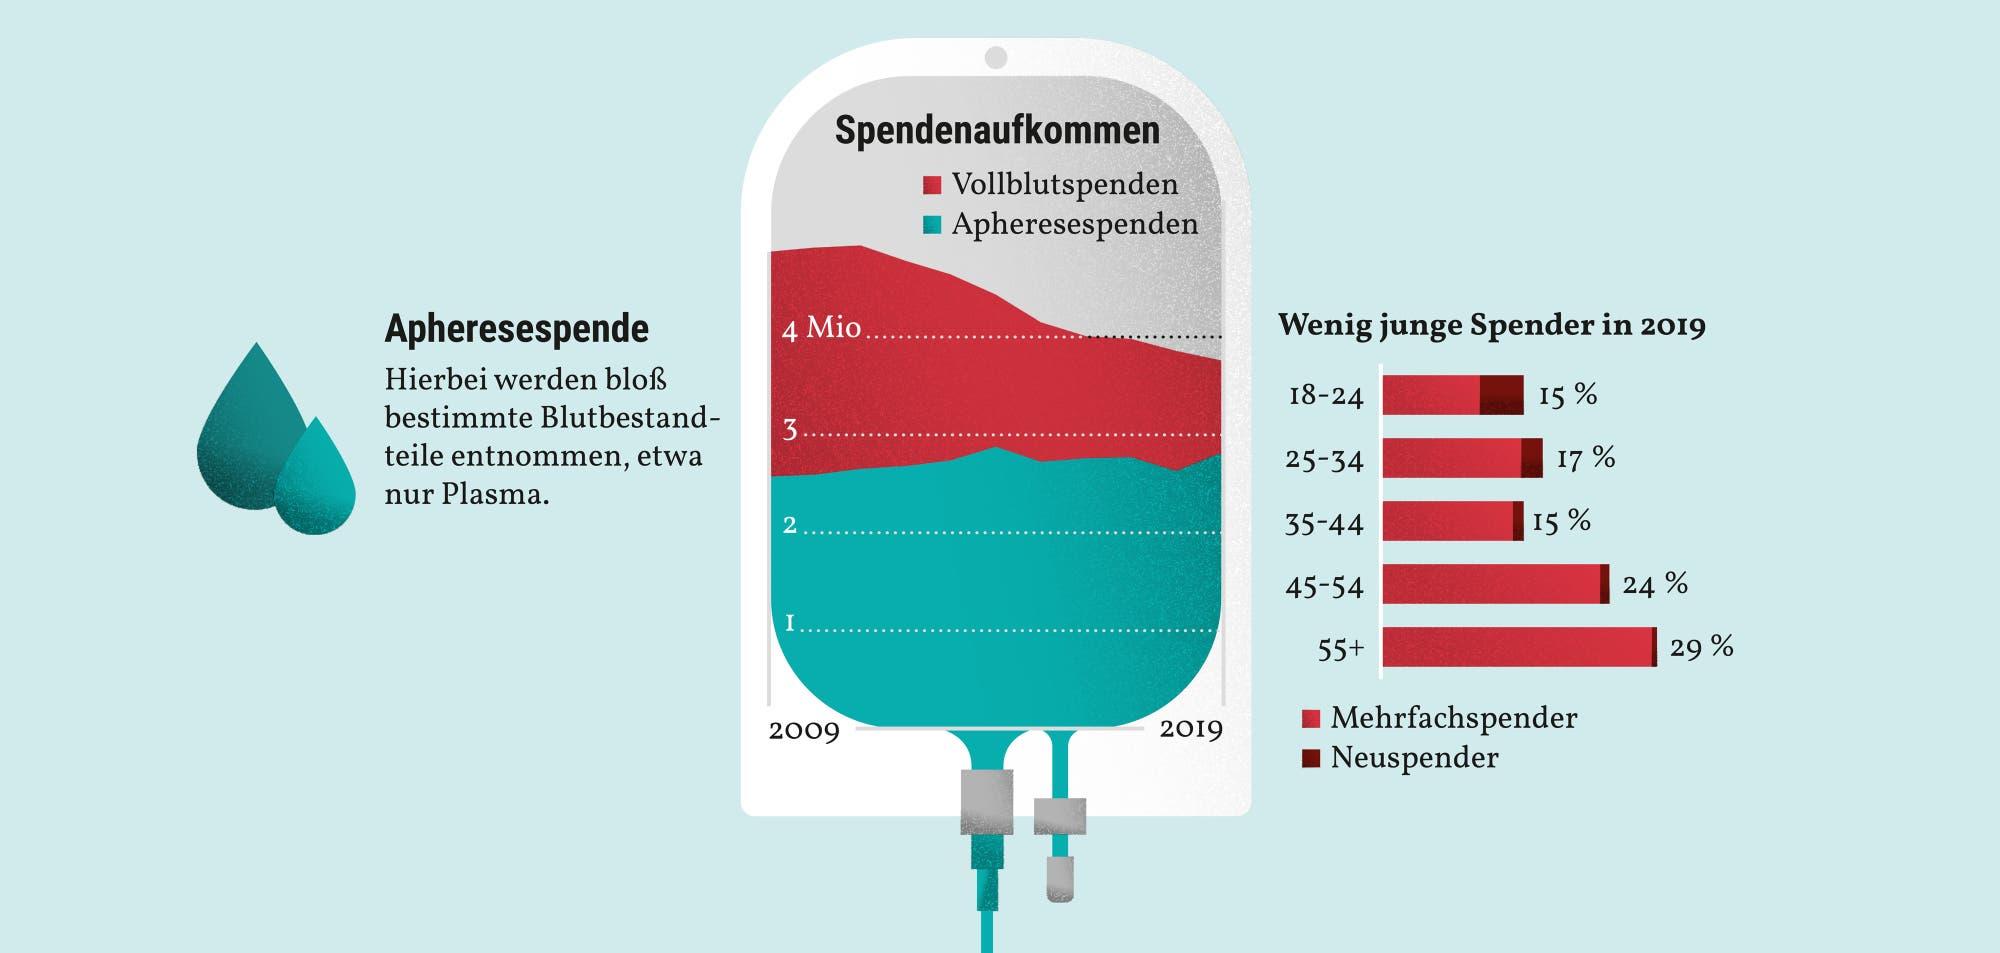 Im Jahr 2019 gab es wenig junge Blutspenderinen und -Spender in Deutschland, wie die Grafik zeigt.